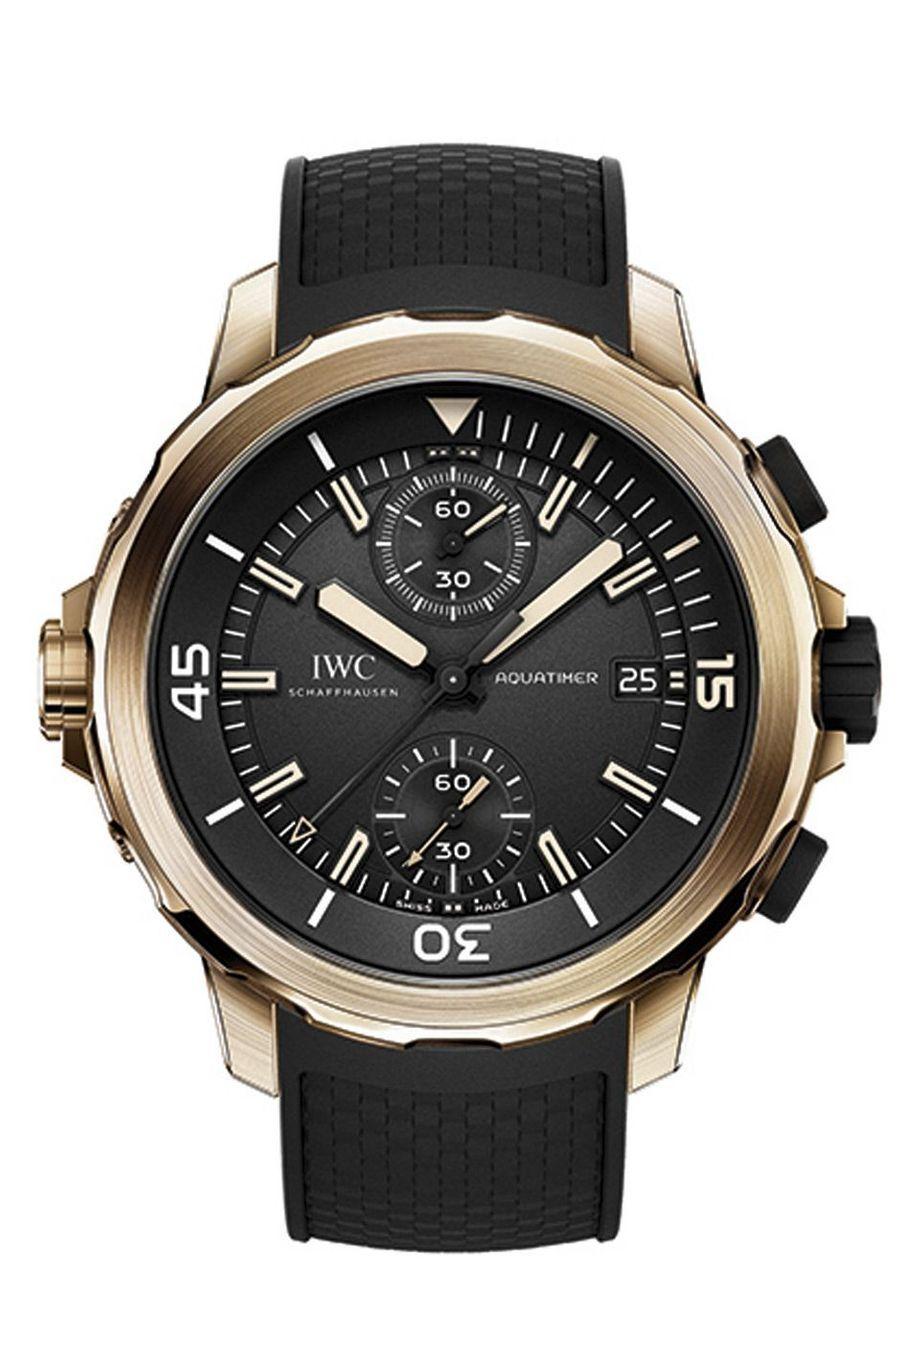 Chronographe Aquatimer en bronze, 44 mm de diamètre, mouvement automatique. IWC. 10500 €.